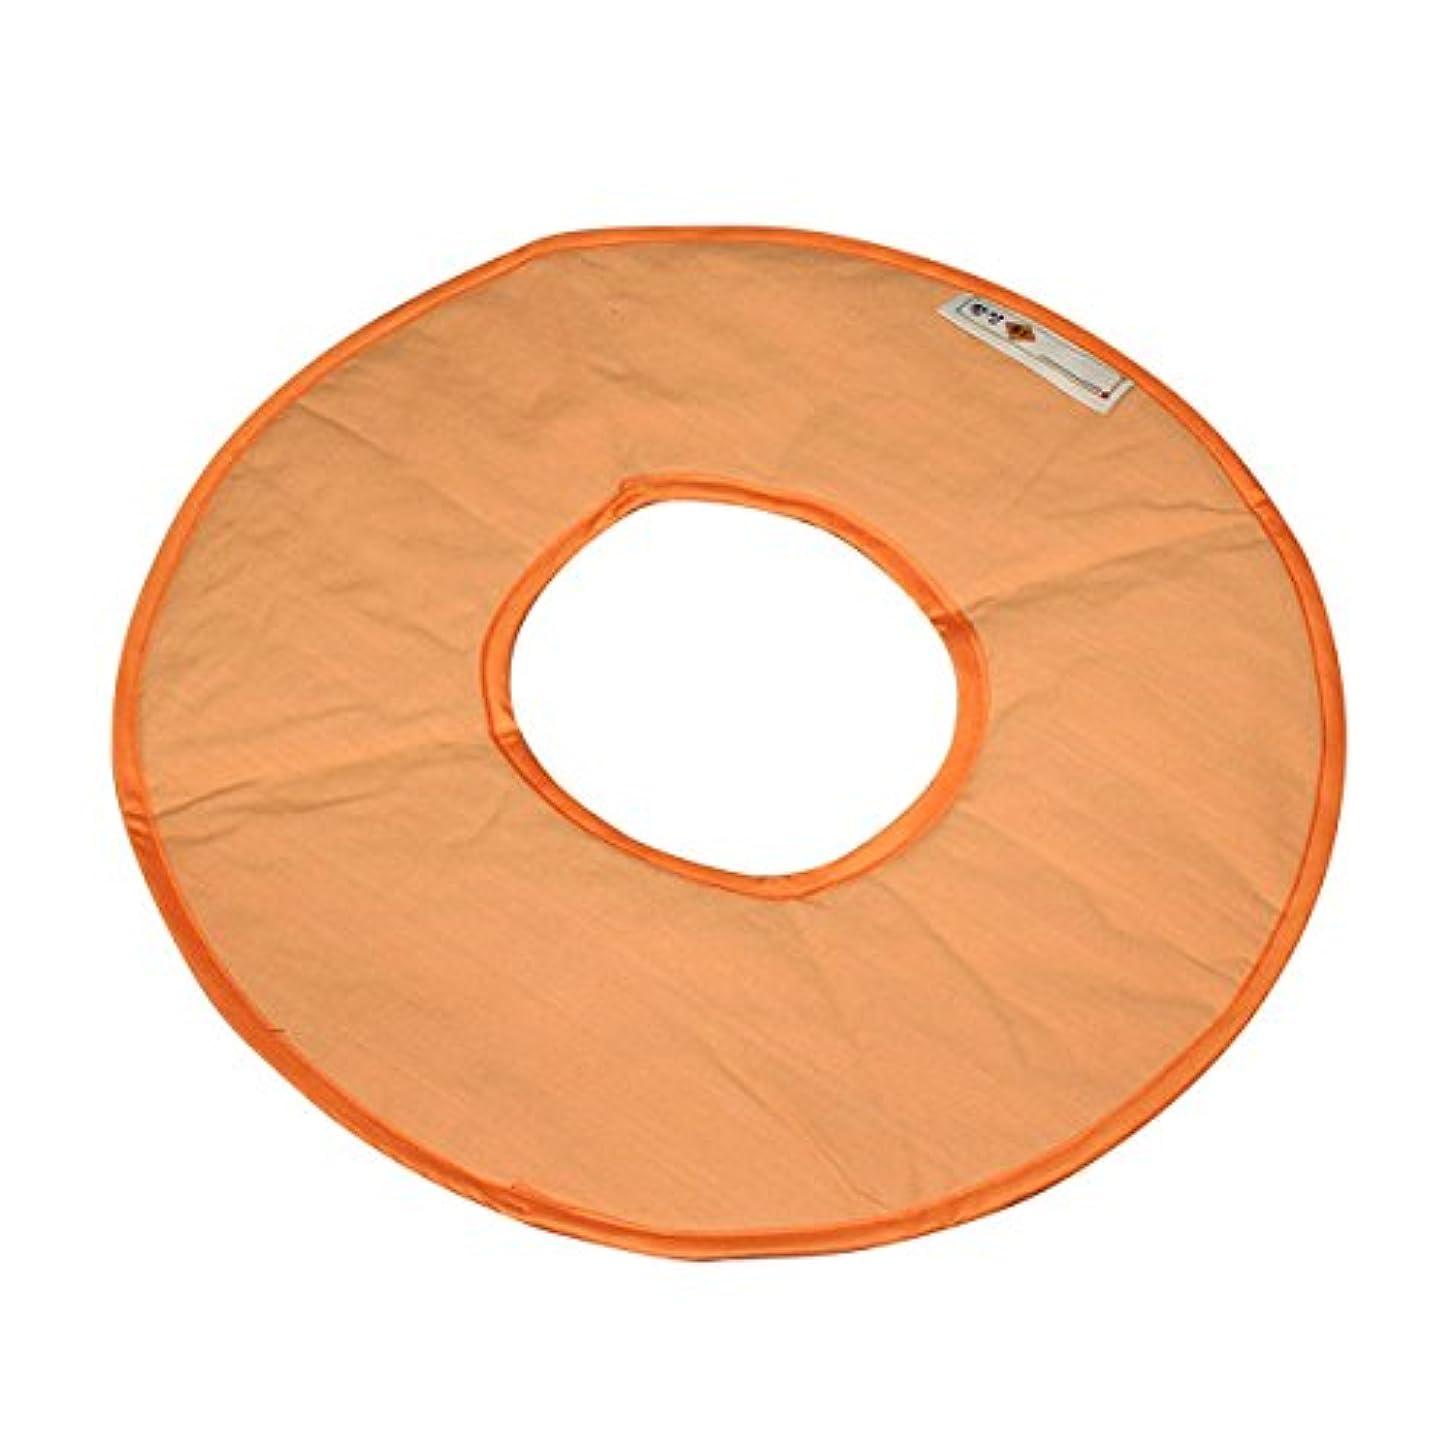 比べる経験アリスファンジン黄土座浴器 韓国よもぎ蒸し 黄土座浴専用座布団 正規品